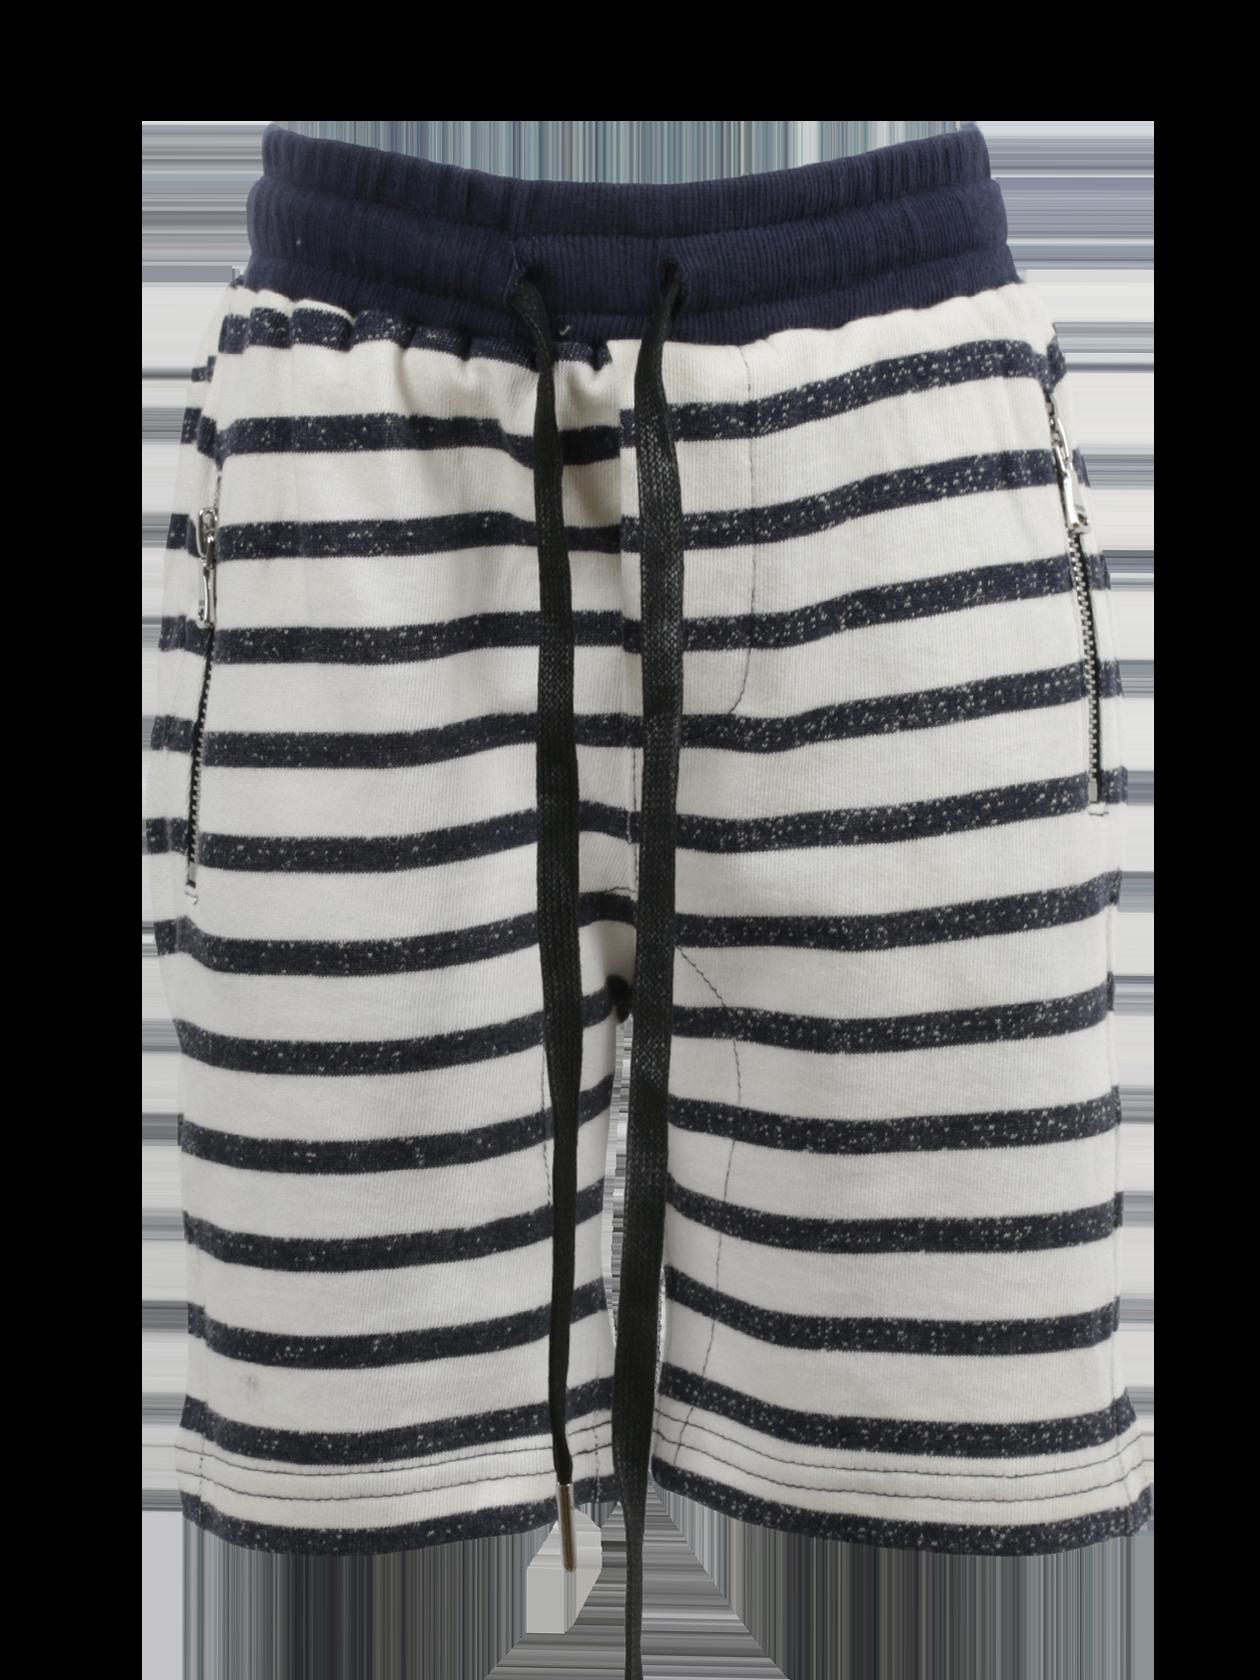 Шорты детские STRIPS KIDSШорты детские Strips Kids от бренда Black Star Wear – отличное дополнение гардероба активного ребенка. Модель традиционного прямого кроя, свободного силуэта, длиной чуть выше колена. Универсальная полосатая расцветка позволит комбинировать вещь с любой одеждой и обувью. Для удобной посадки изделия на поясе оформлена широкая резинка с завязками. Внутренние боковые карманы дополнены застежкой на молнии. Материал изготовления детских шорт – элитный натуральный хлопок, обеспечивающий максимальный комфорт при движении.<br><br>Размер: 7 years<br>Цвет: Синий/Белый<br>Пол: Унисекс